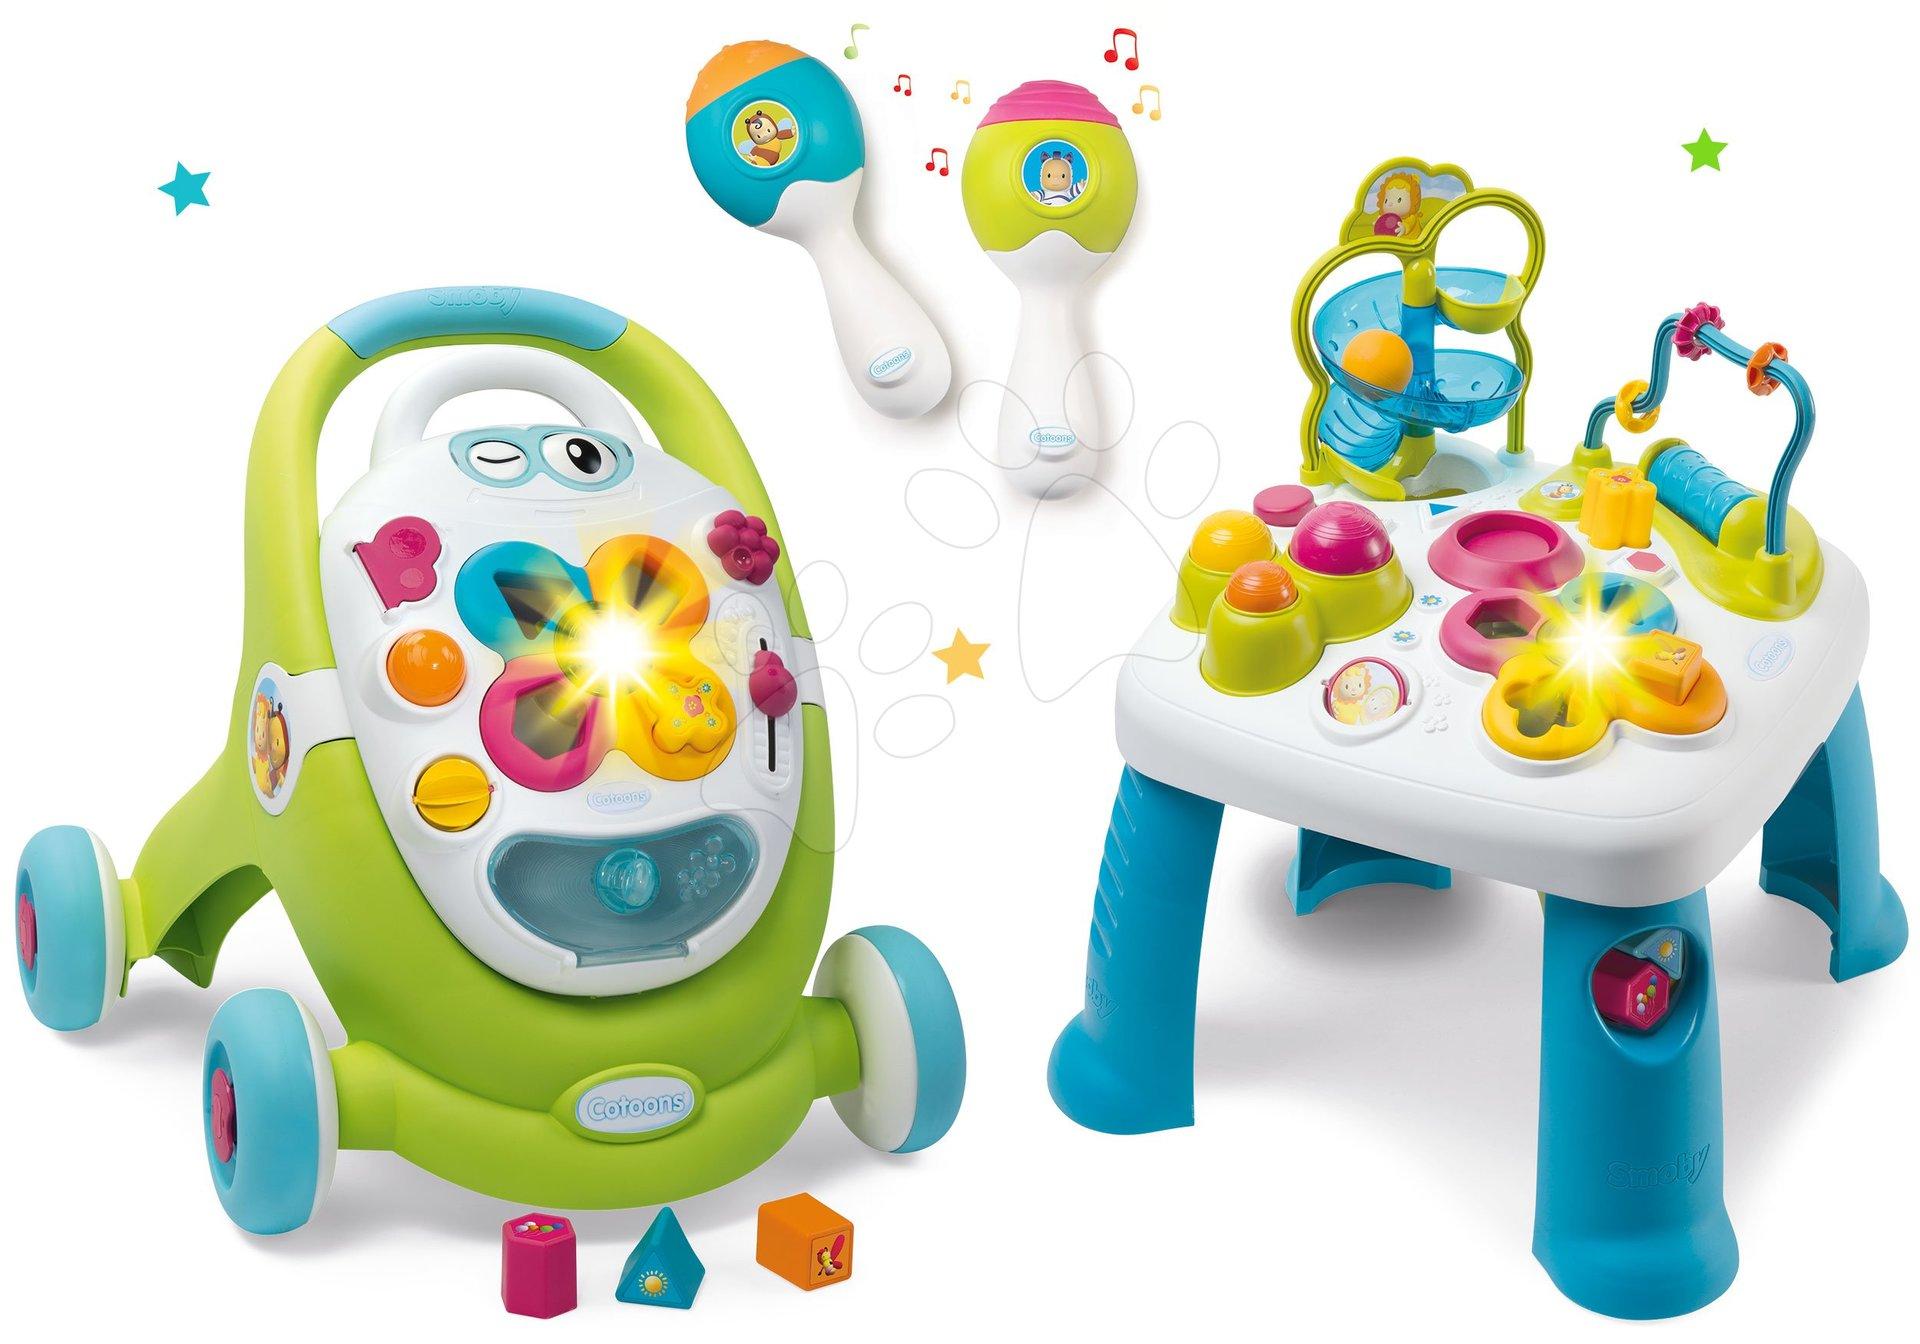 Dětská chodítka - Set chodítko s didaktickým kufříkem Trott Cotoons 2v1 Smoby se zvukem a světlem a interaktivní stůl Activity s funkcemi a rumba koulemi